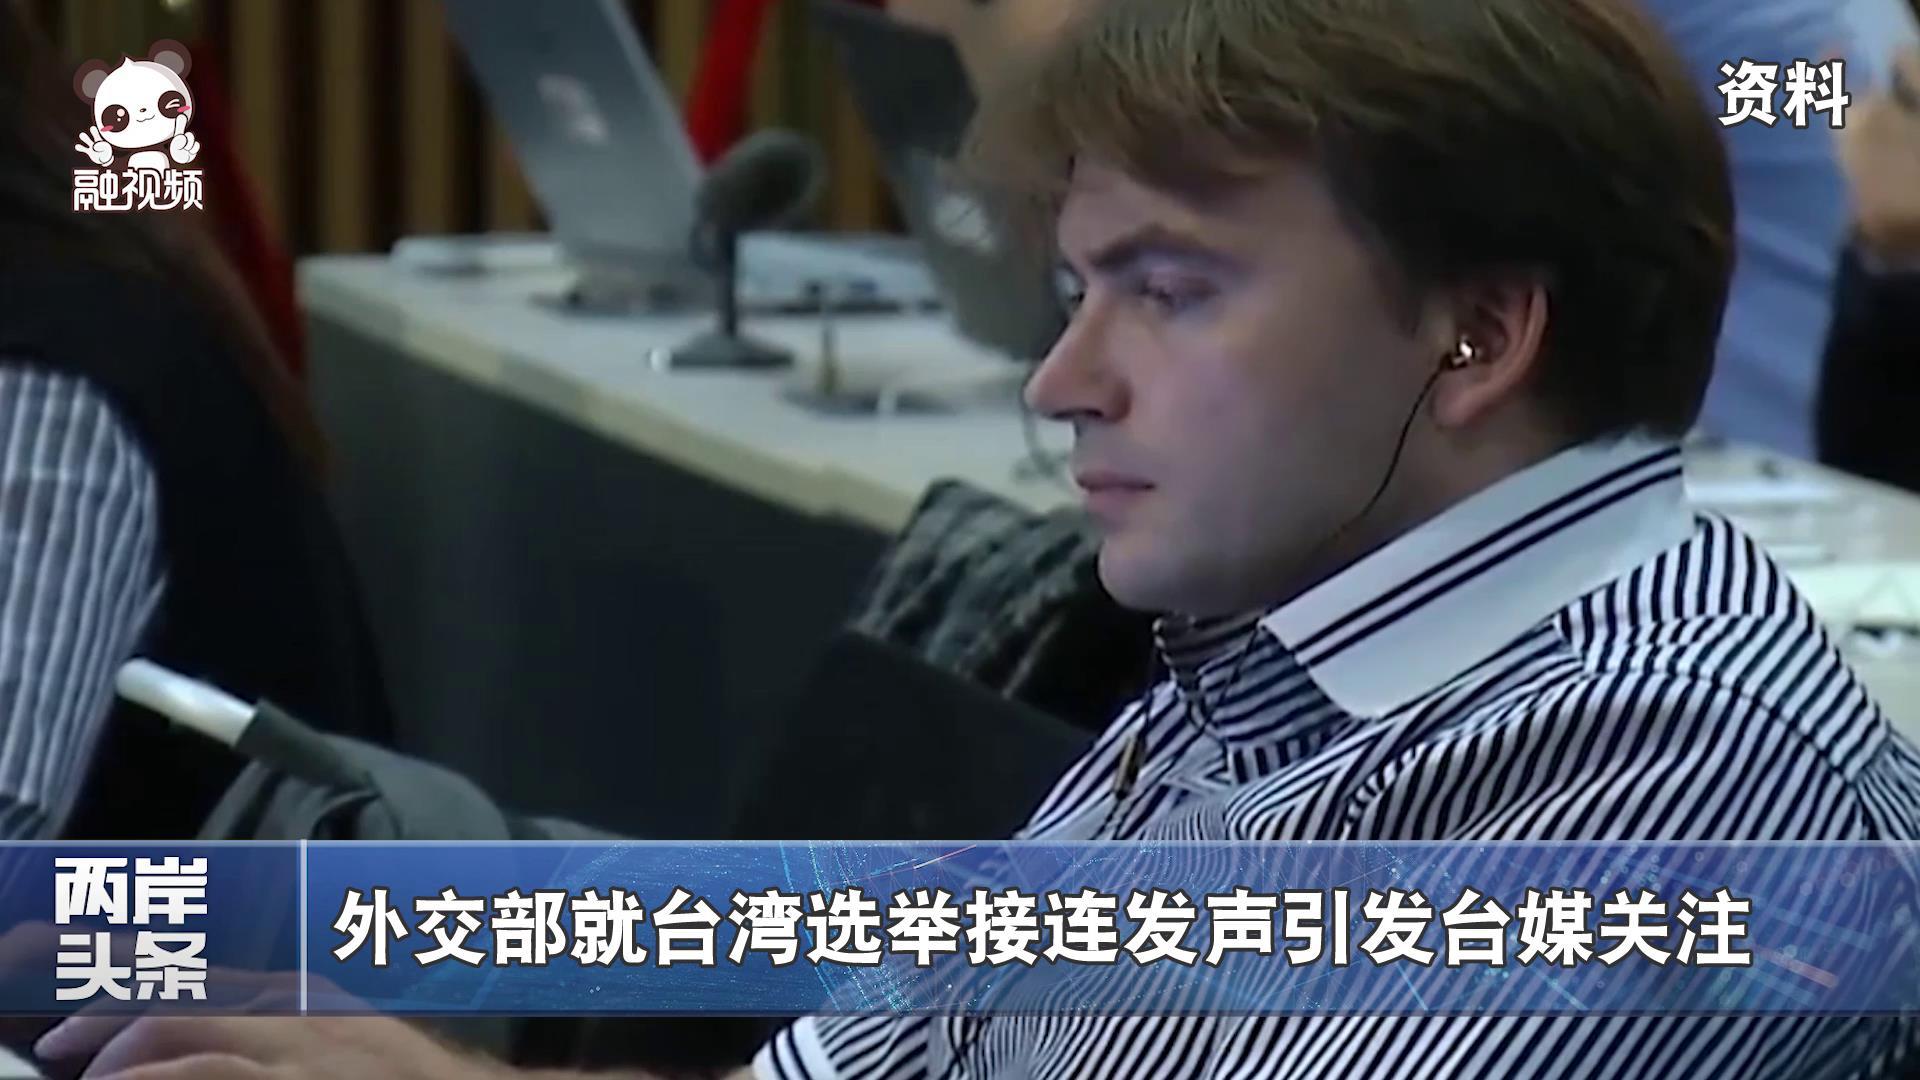 外交部兩度發聲臺媒指喊話美國 藍營質疑臺當局再拿公款養網軍?